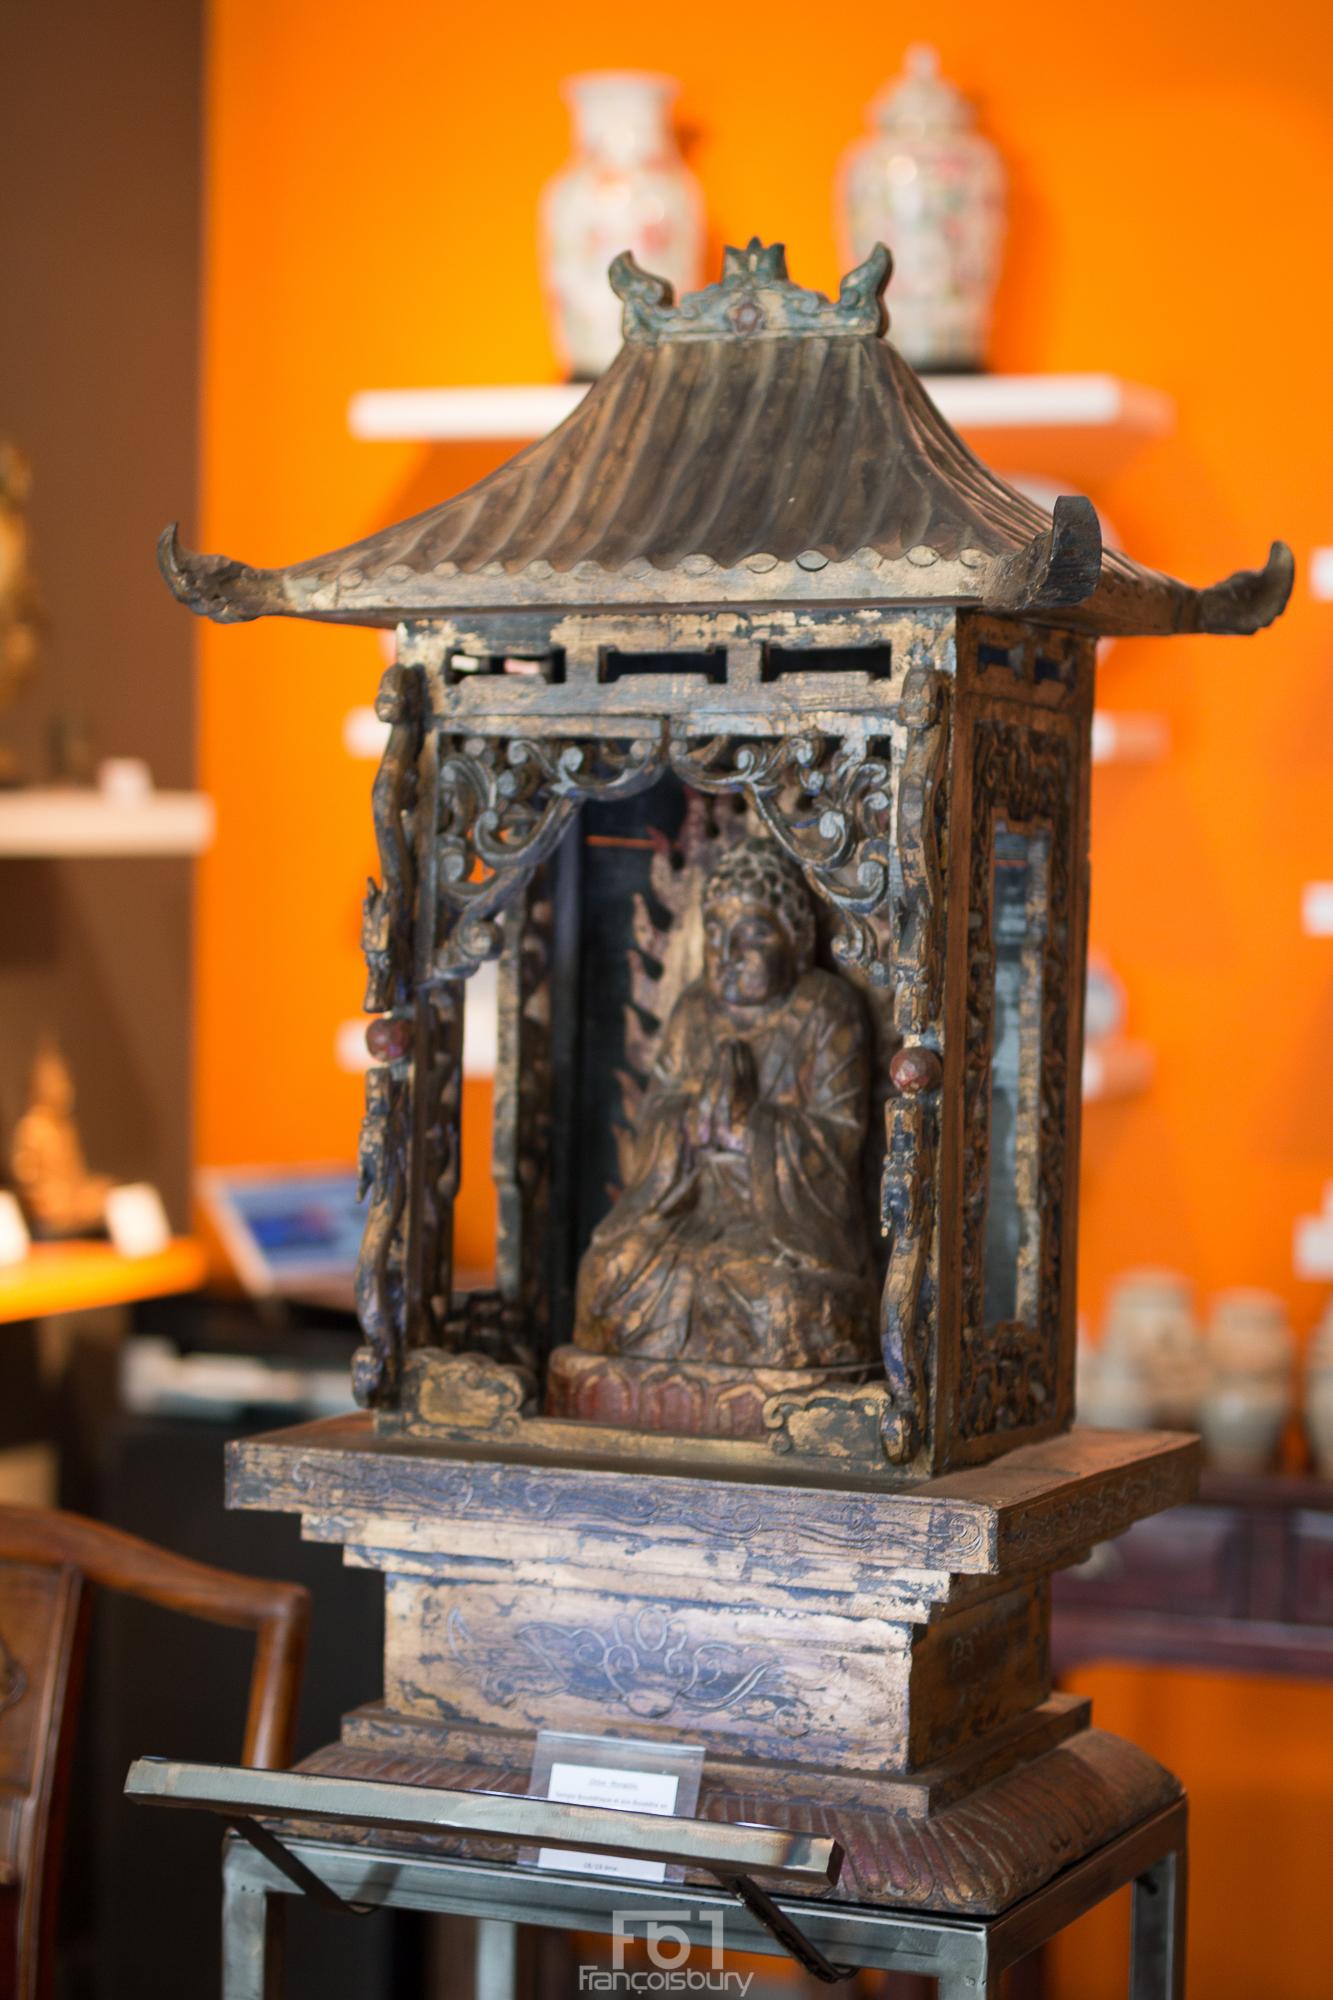 Temple Bouddhique - Chine - Dynastie Qing - 19ème Image